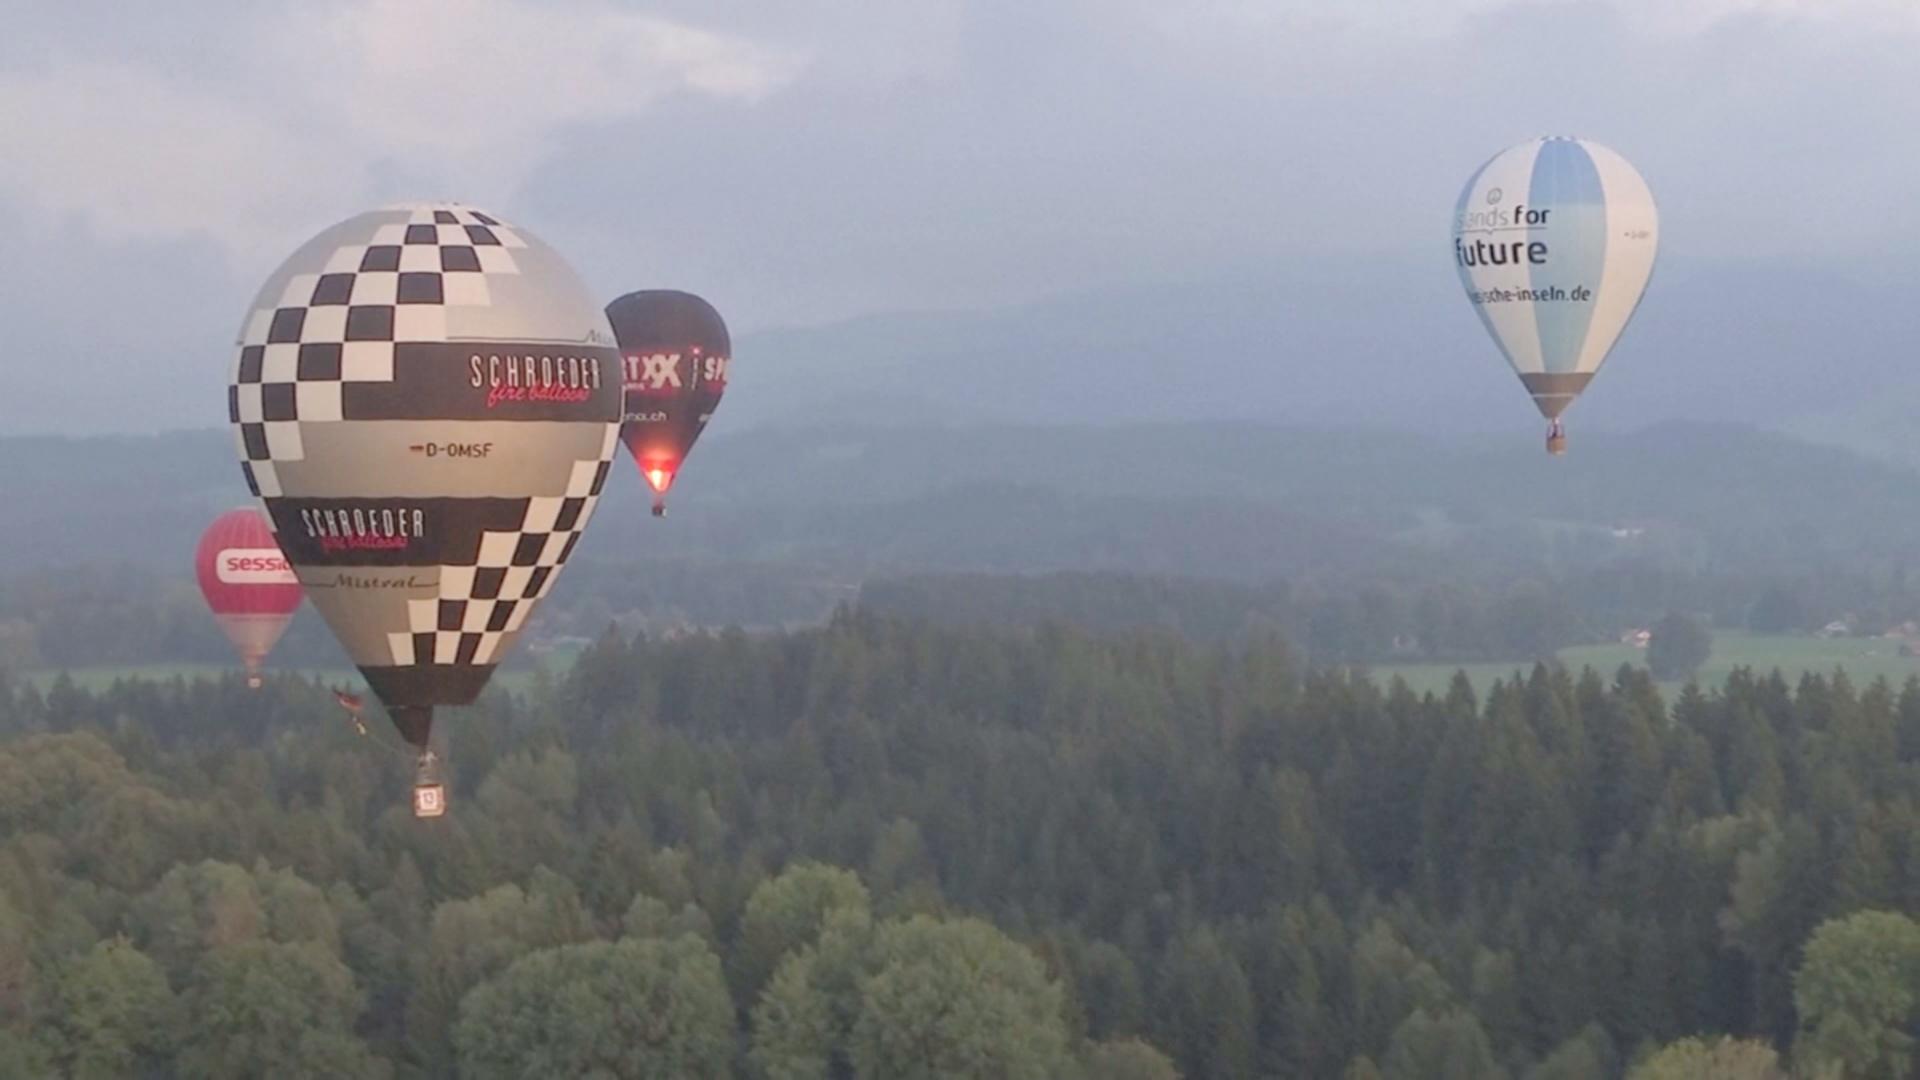 Асы воздухоплавания встретились на фестивале в Германии